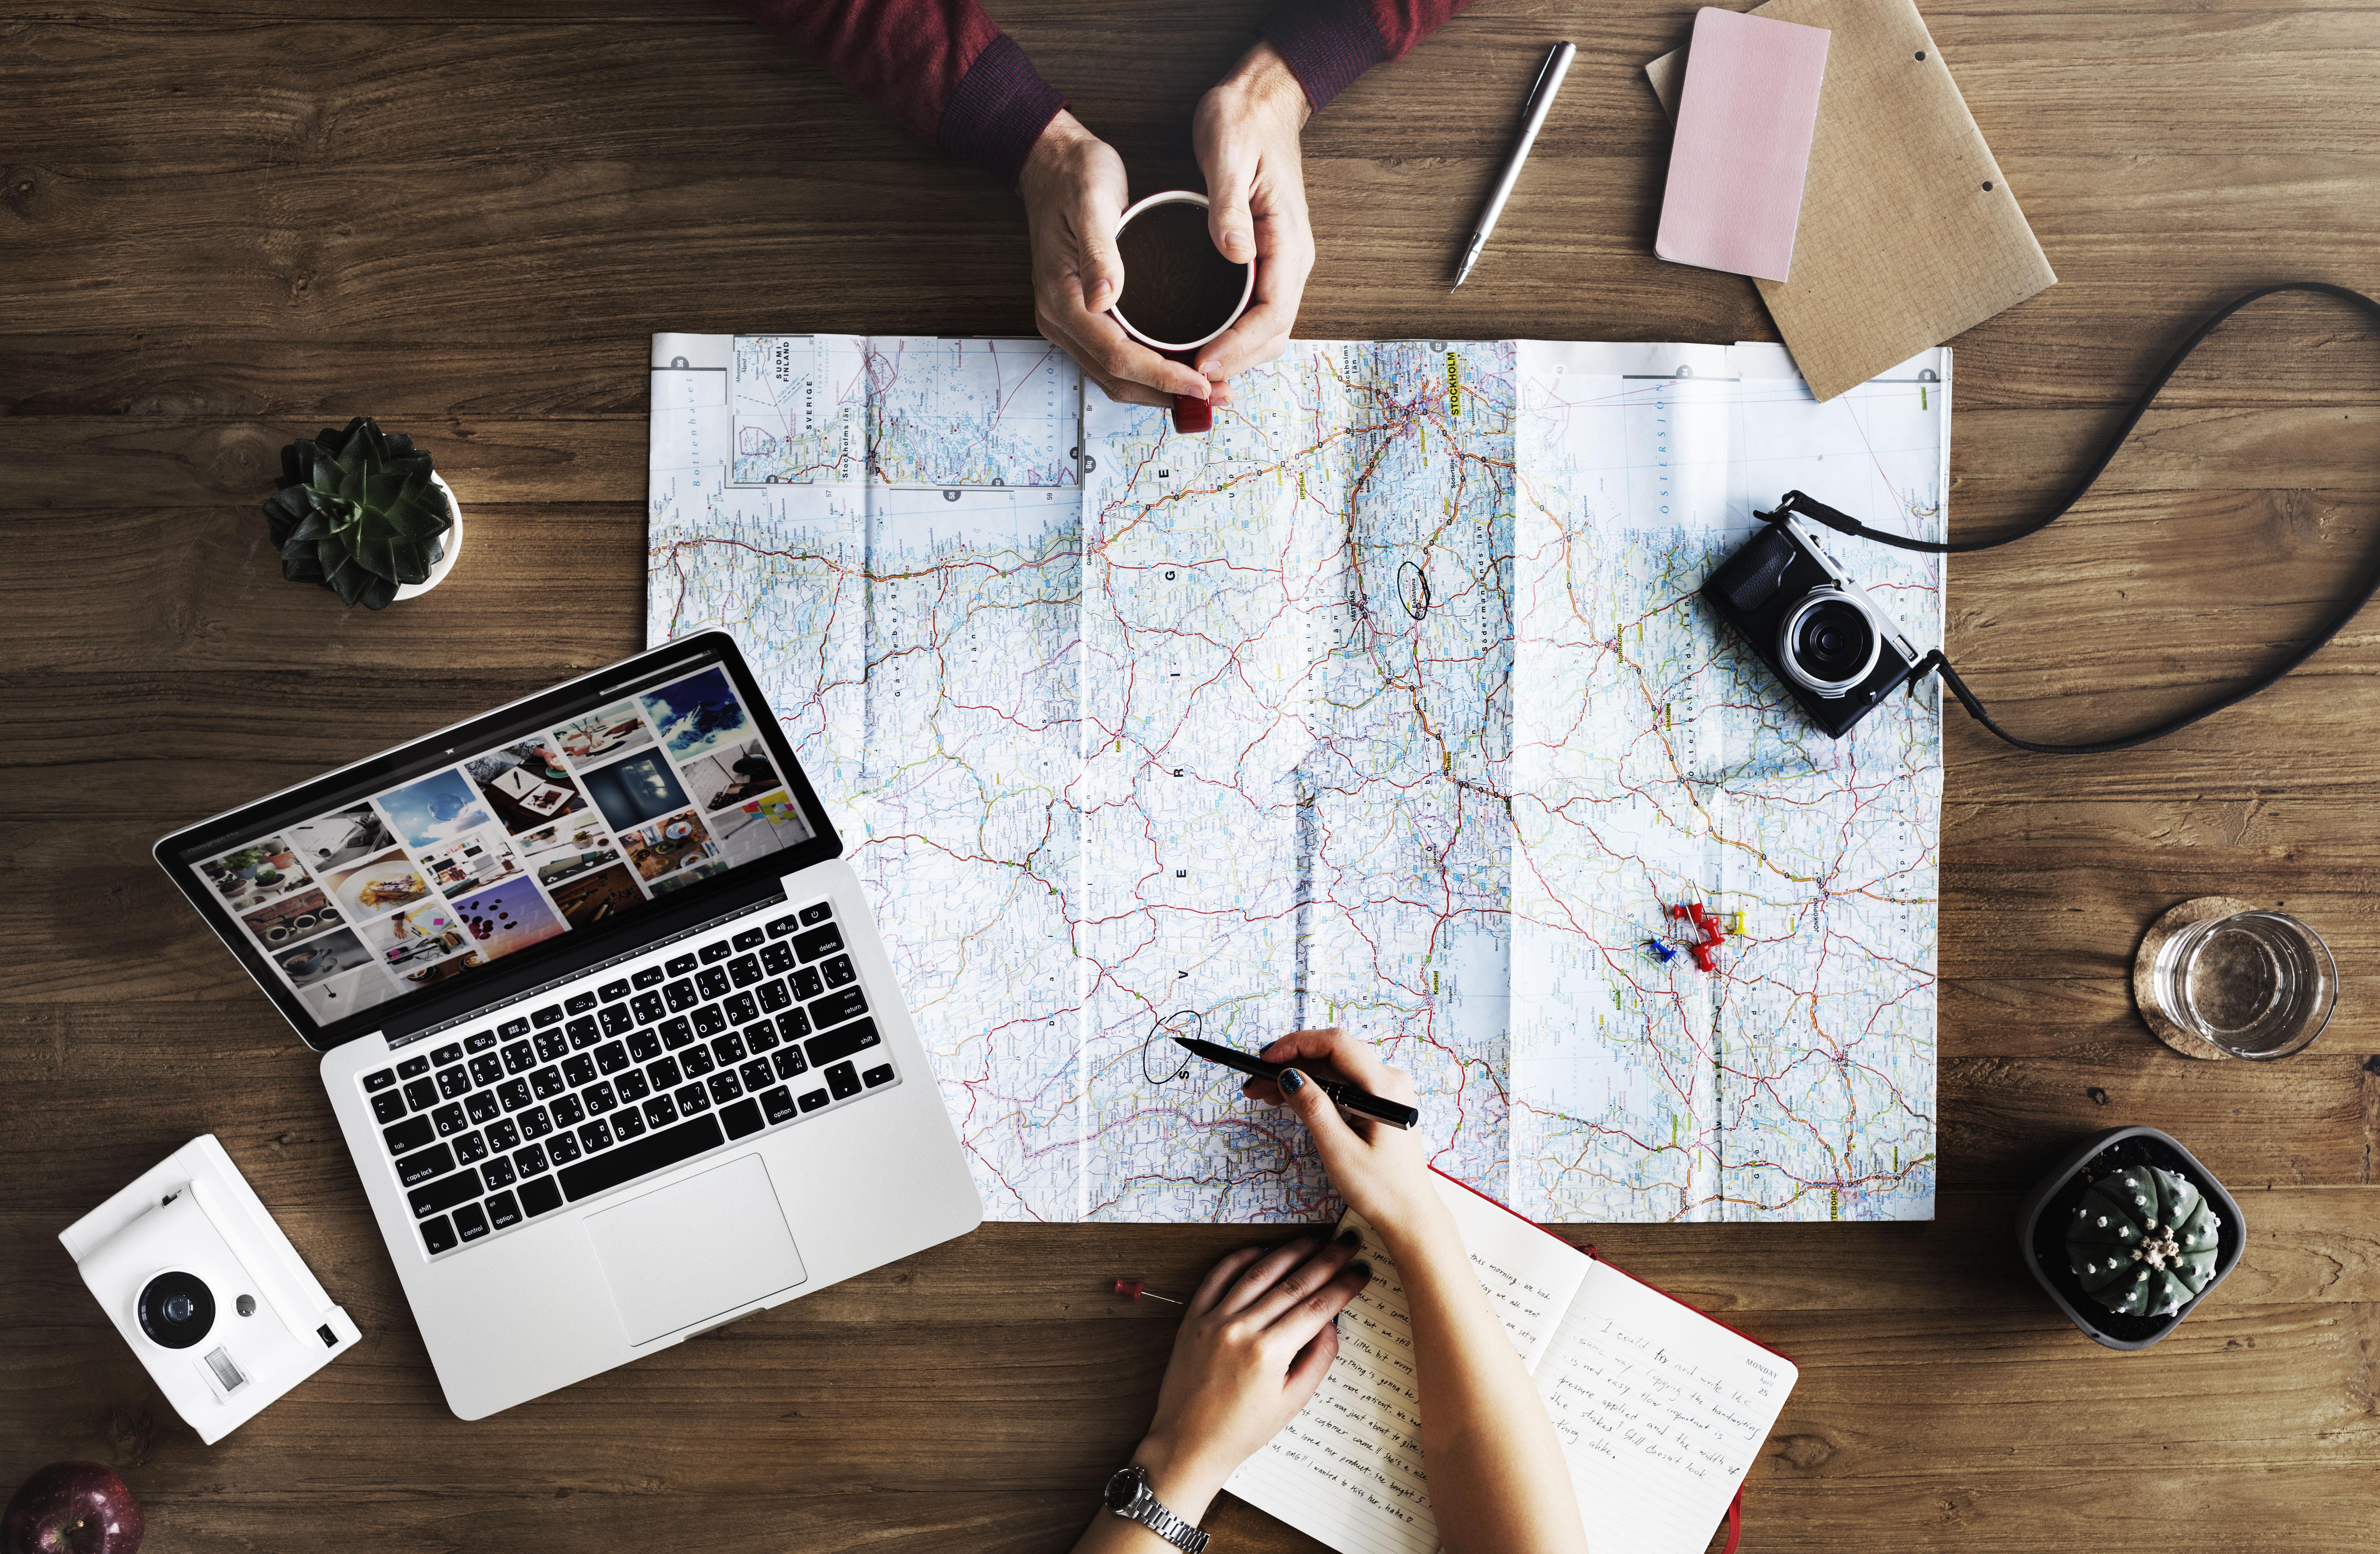 Independent or a Digital Nomad